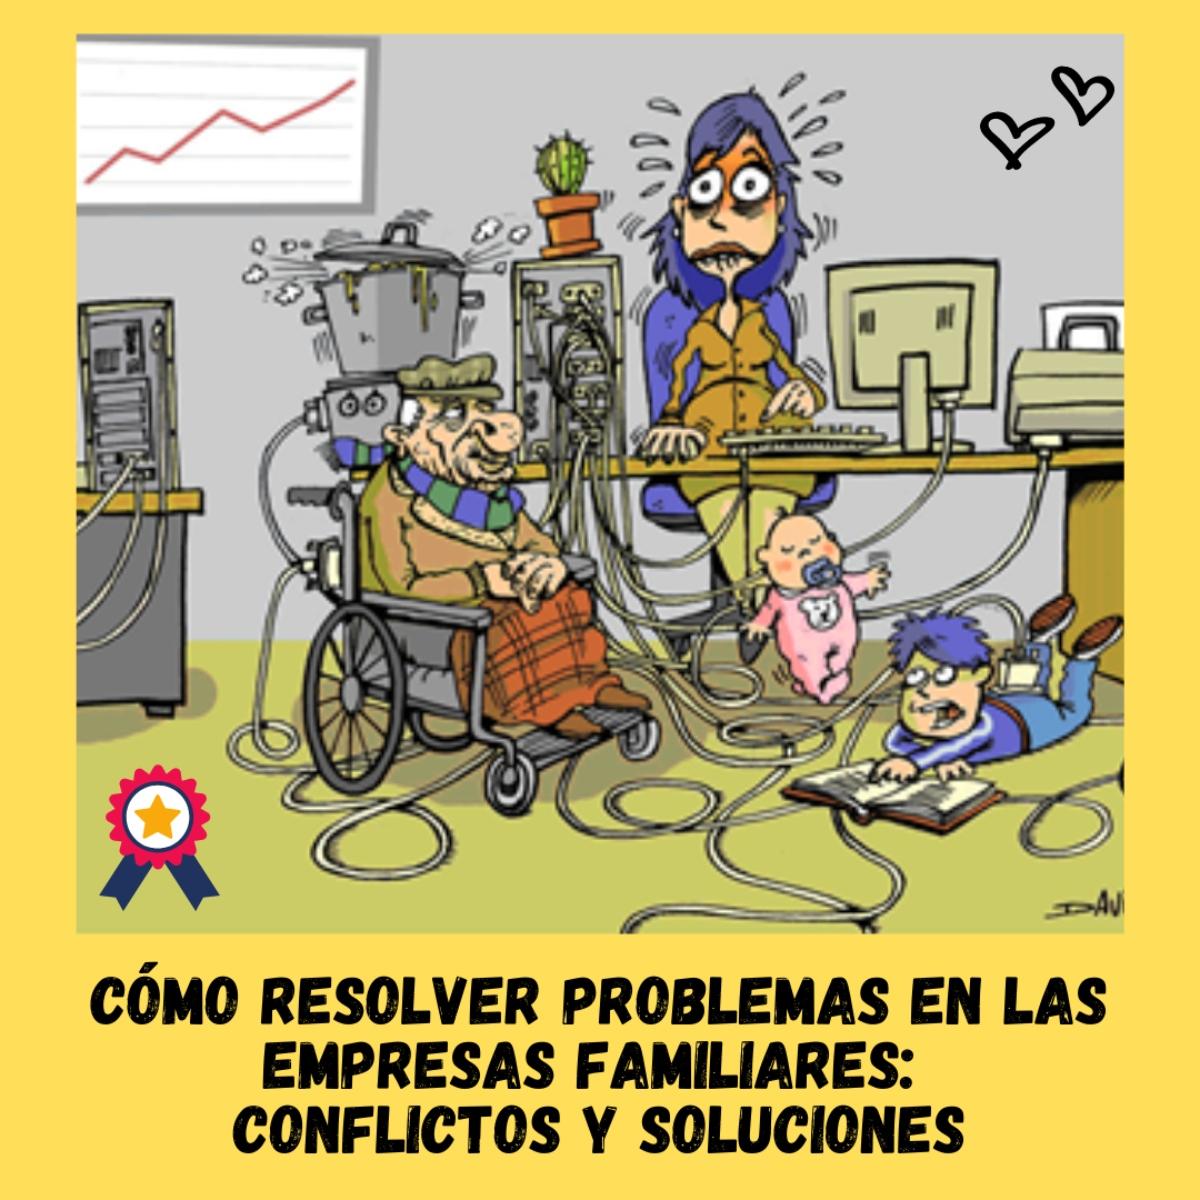 PROBLEMAS EMPRESA FAMILIAR PROBLEMAS Y SOLUCIONES